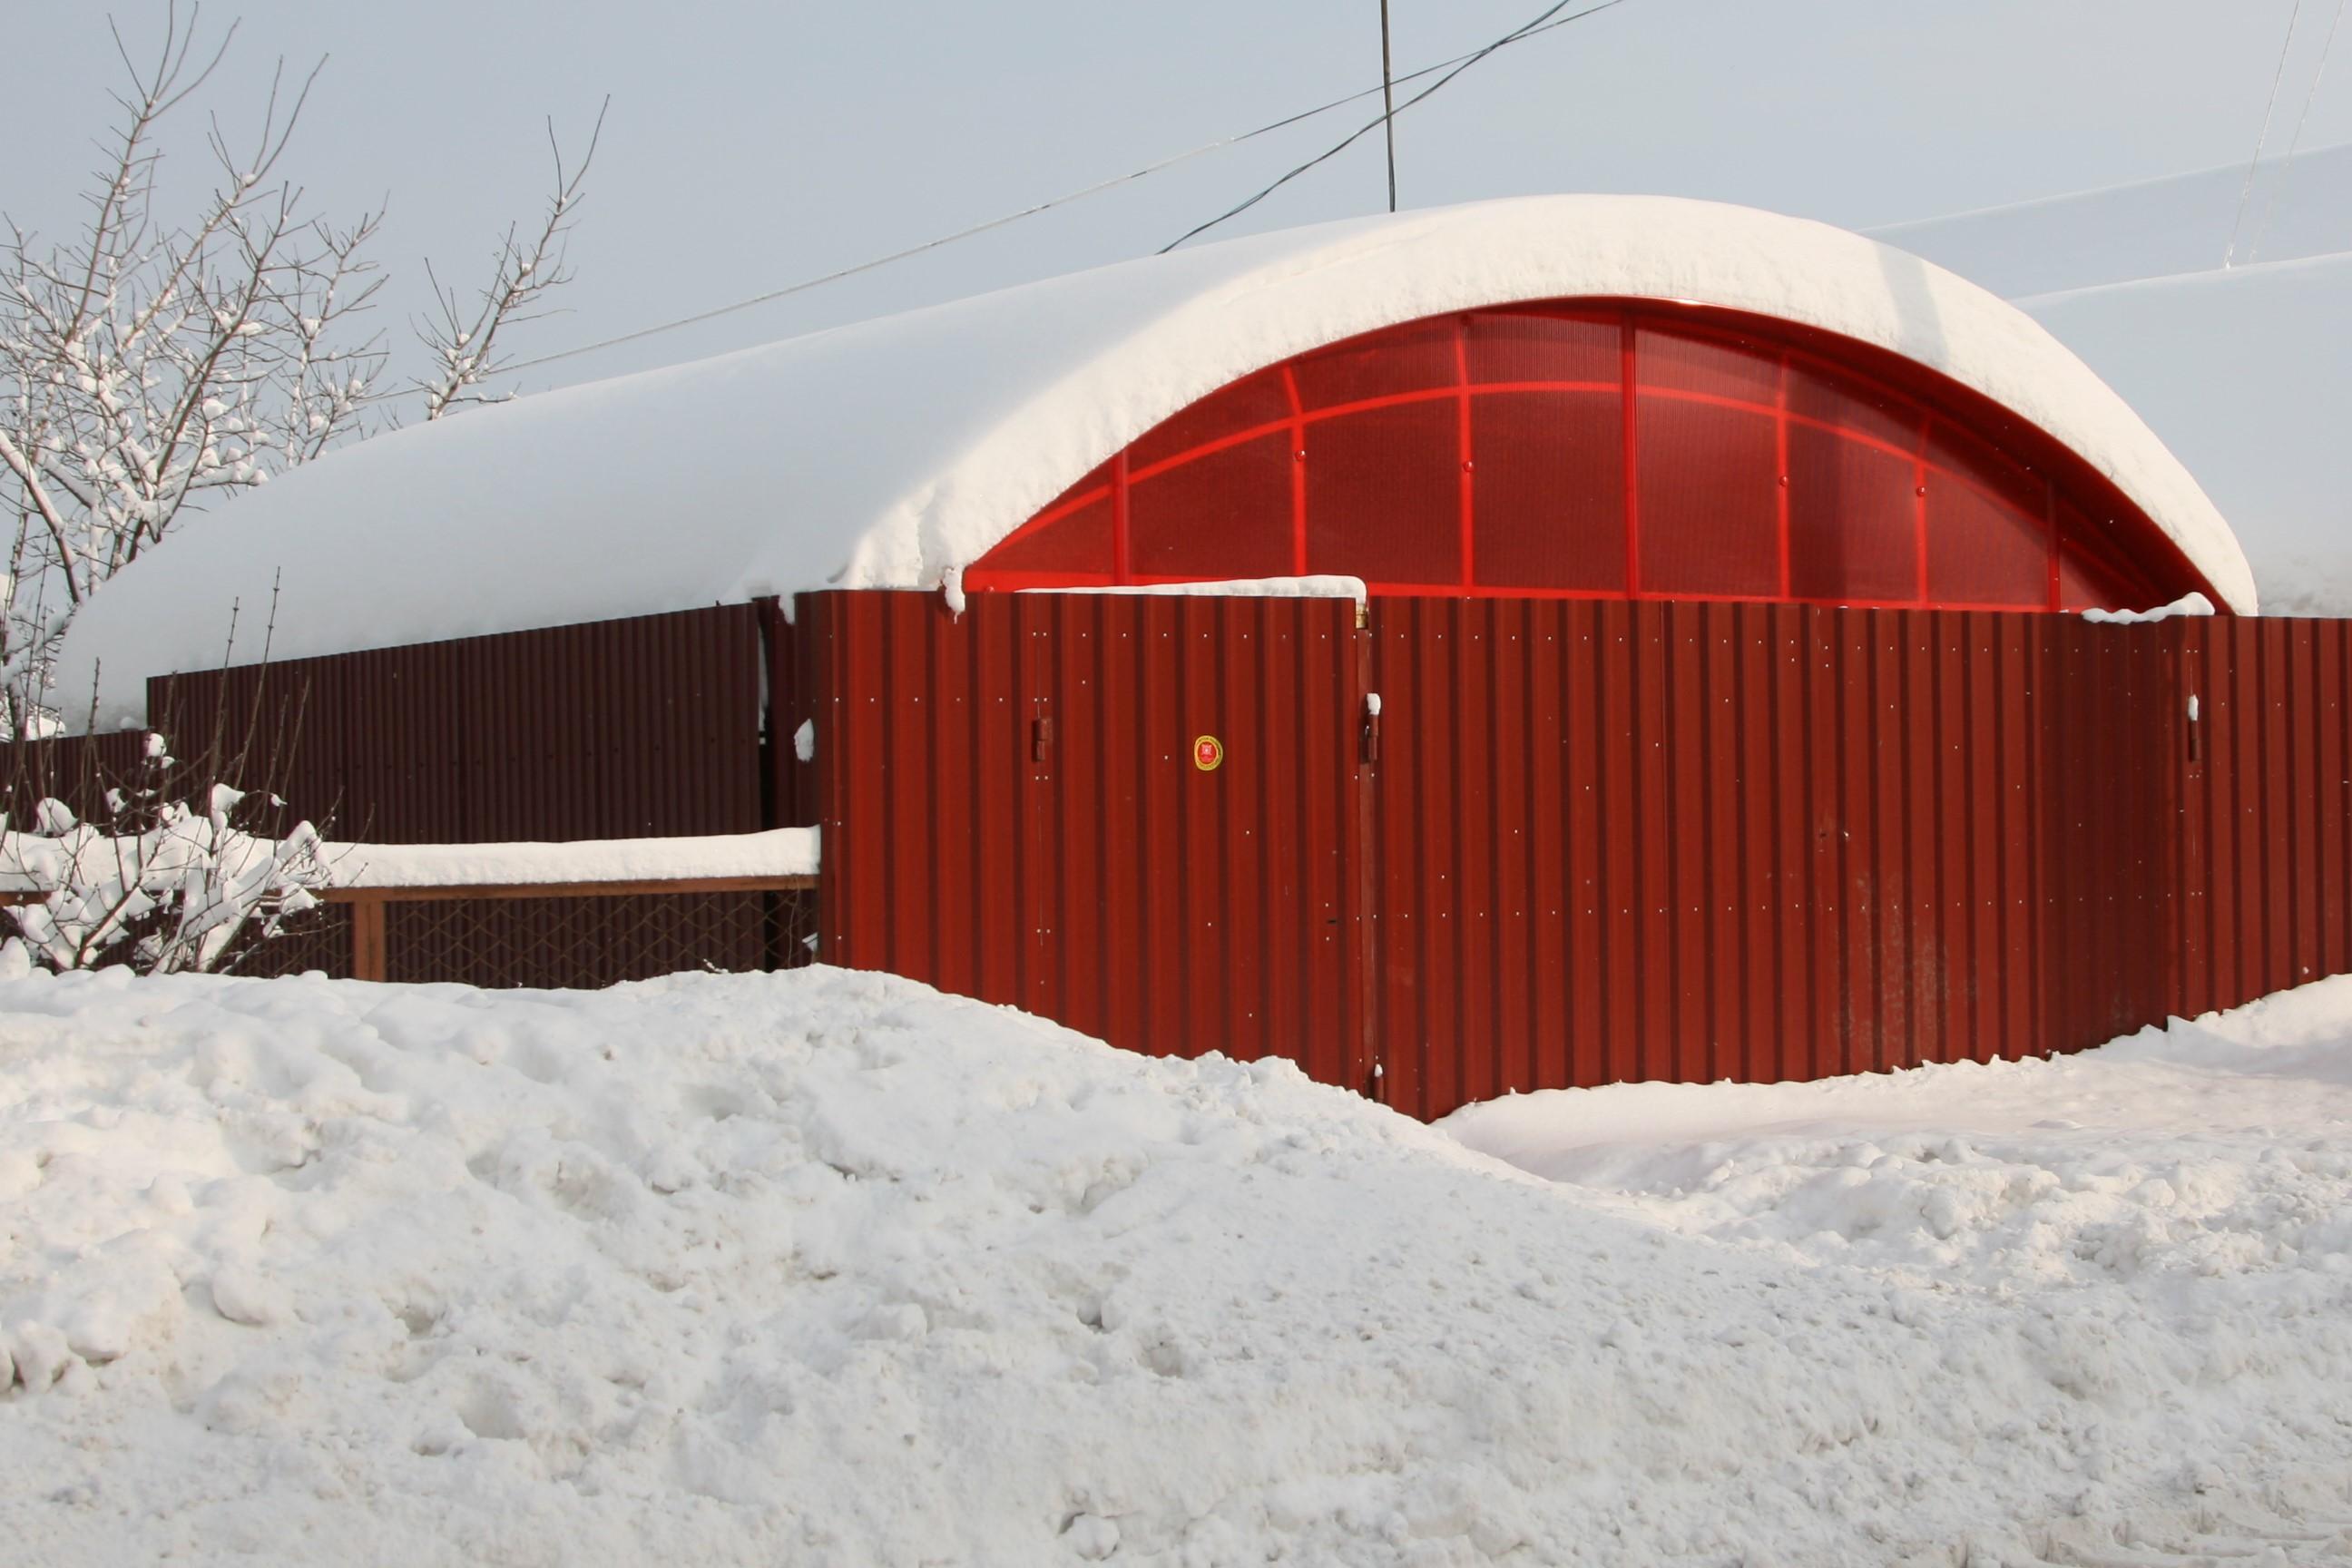 Как правило, снег на наших навесах не собирается, но этой зимой снега было много. На навесе слой доходил до 50см!